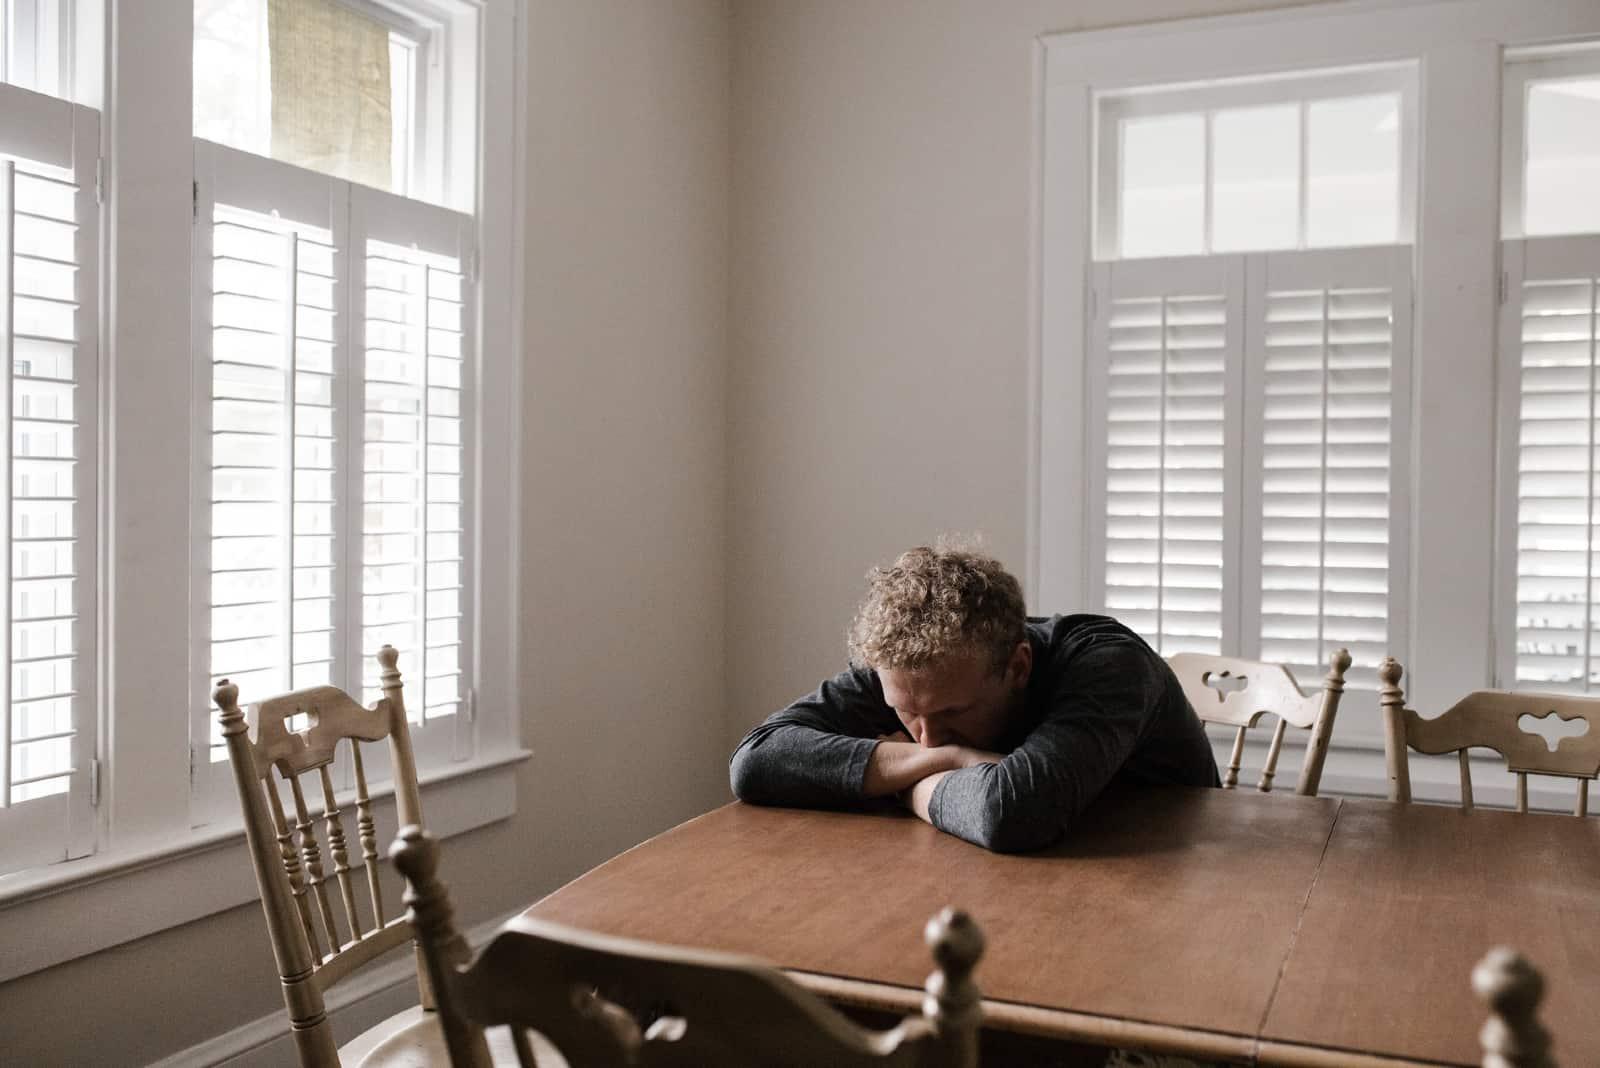 homme triste appuyé sur une table près d'une fenêtre